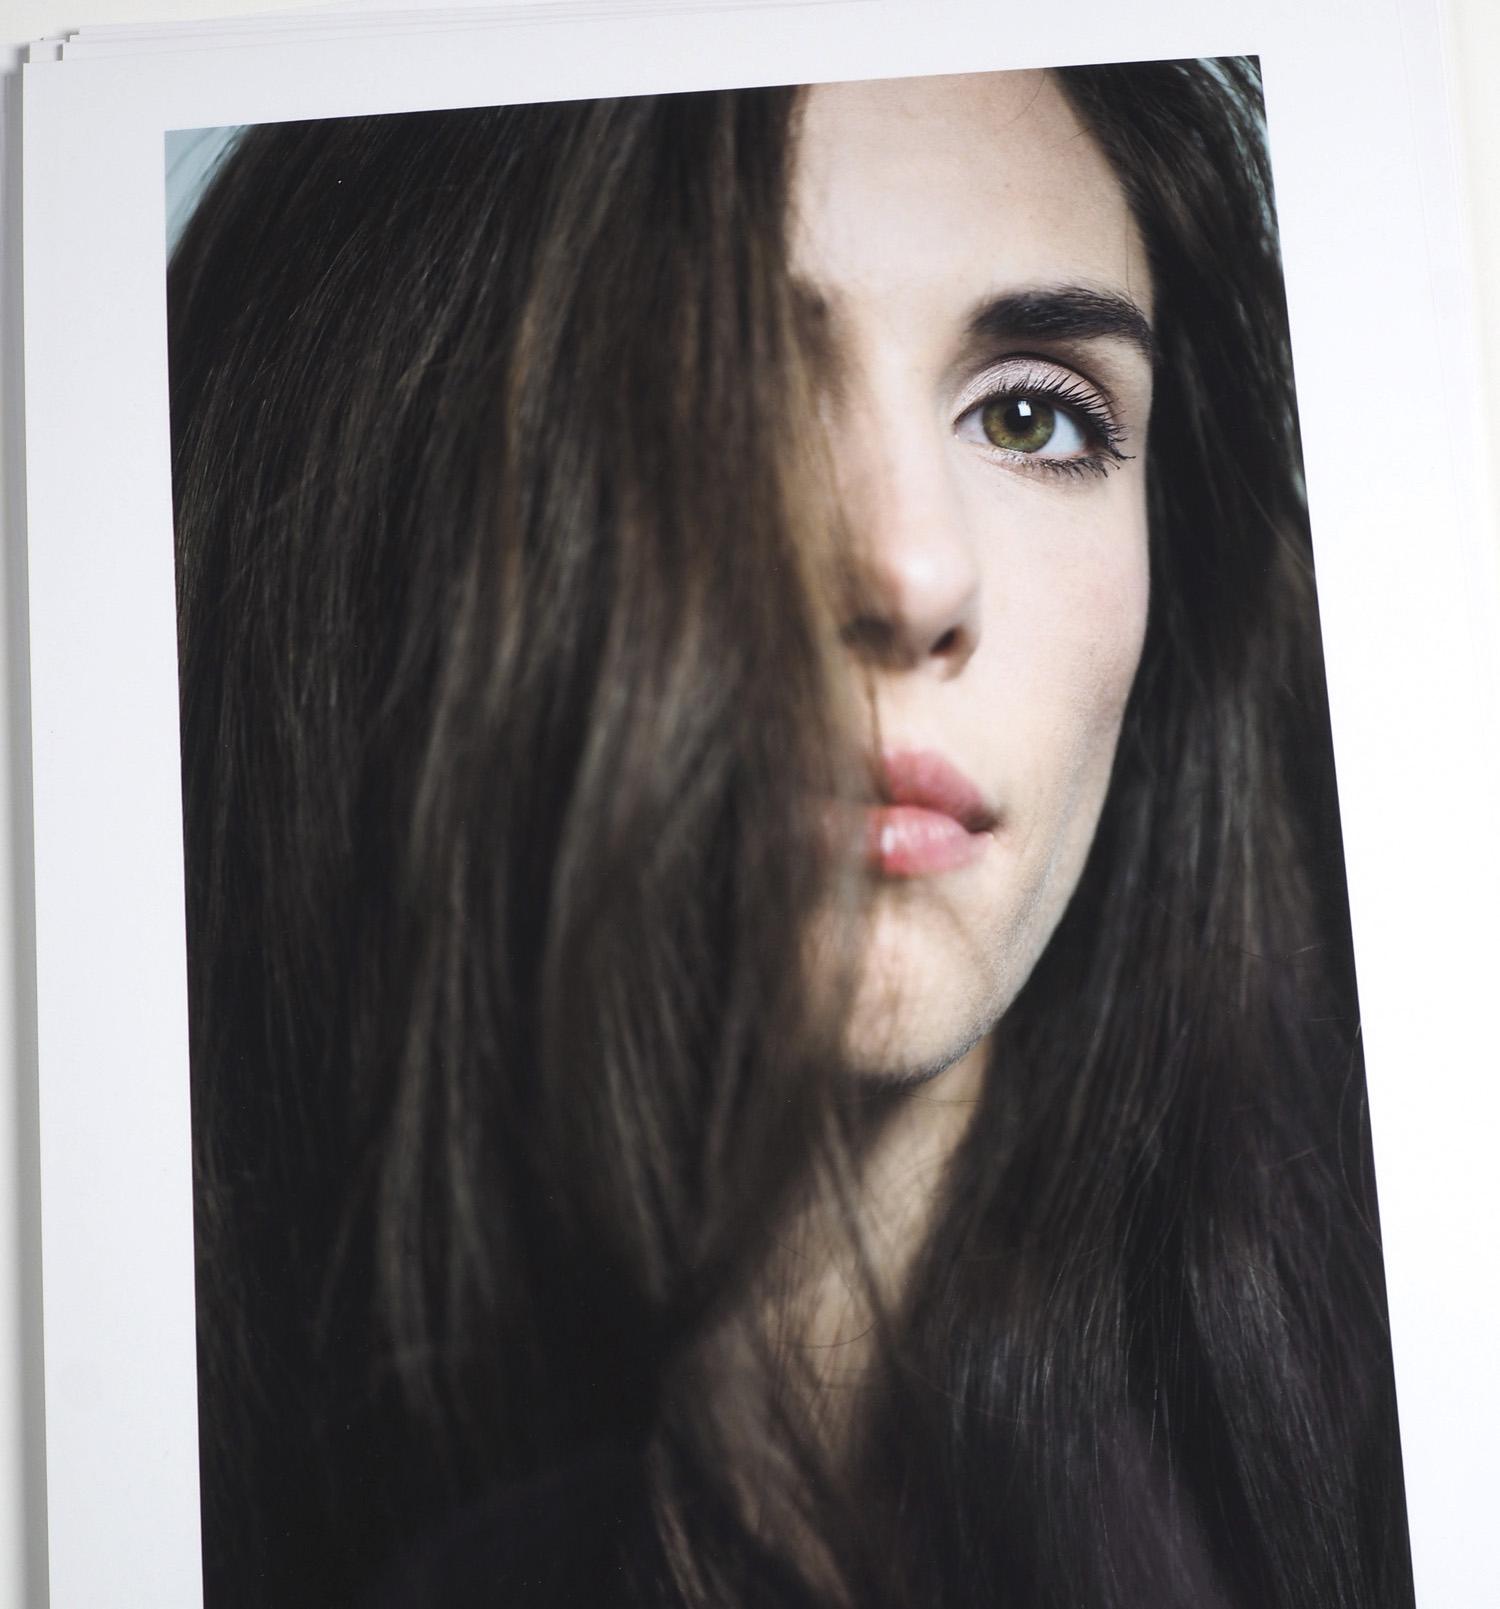 Viktoria Scharer - Selbstportrait. All Pictures copyright by Victoria Scharer